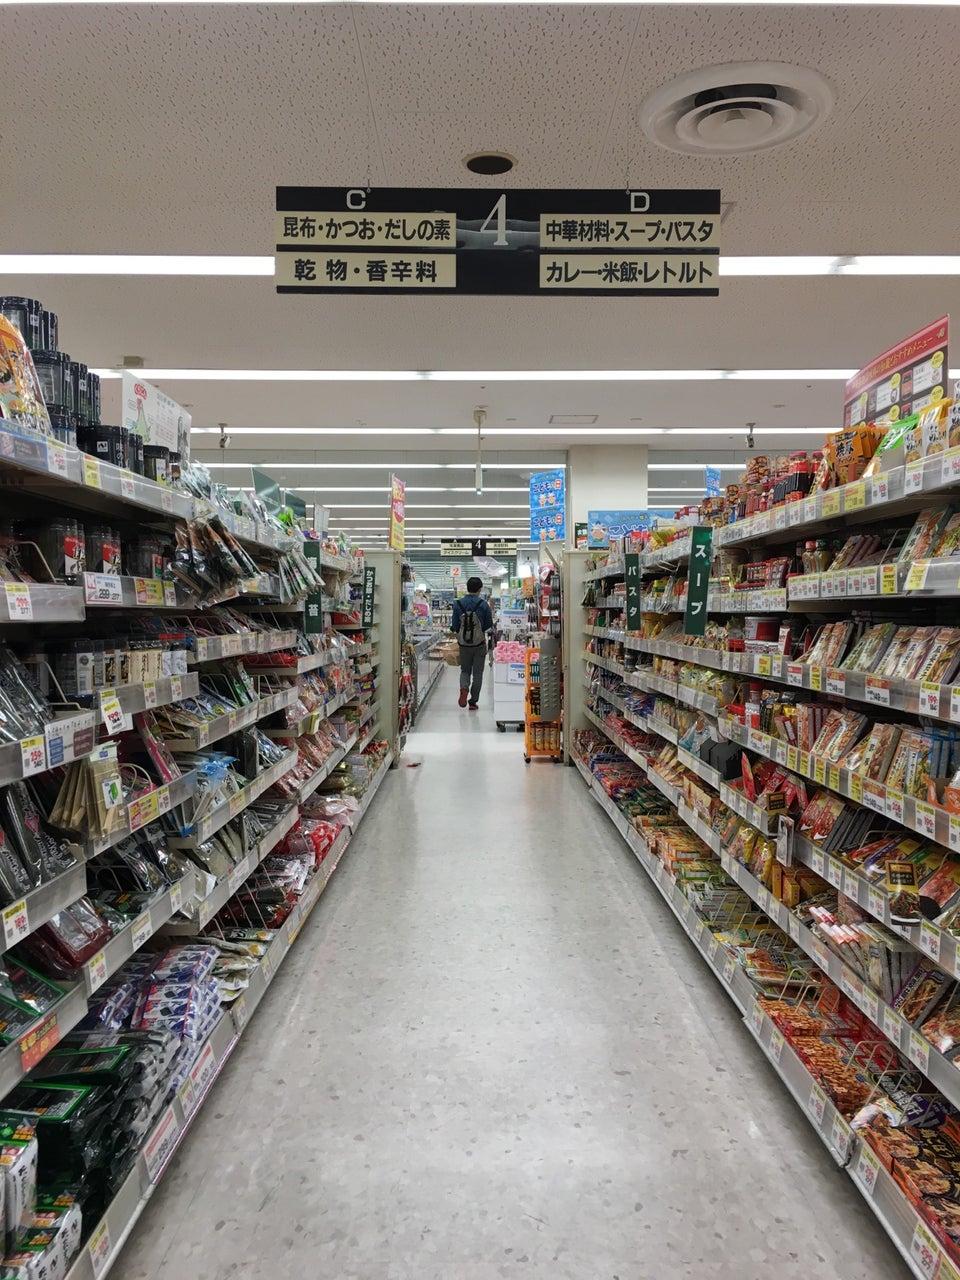 關西超市 関西スーパー